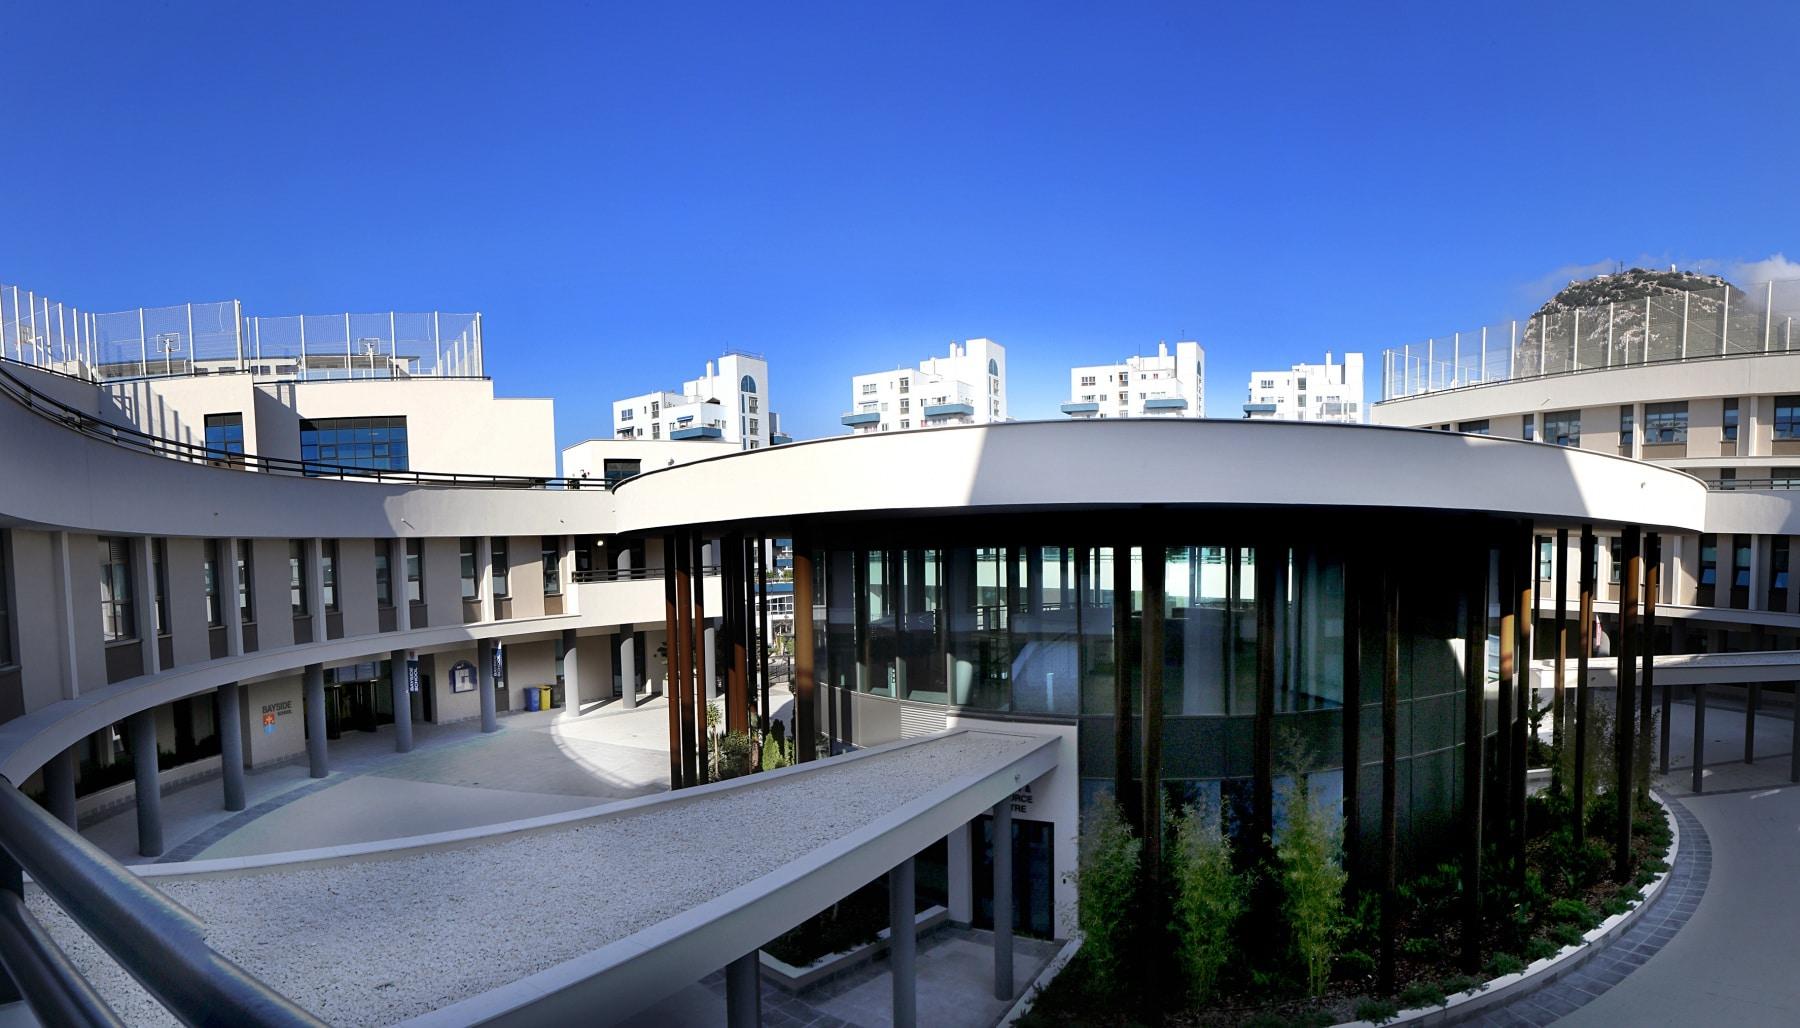 bayside-panorama1_48800932818_o